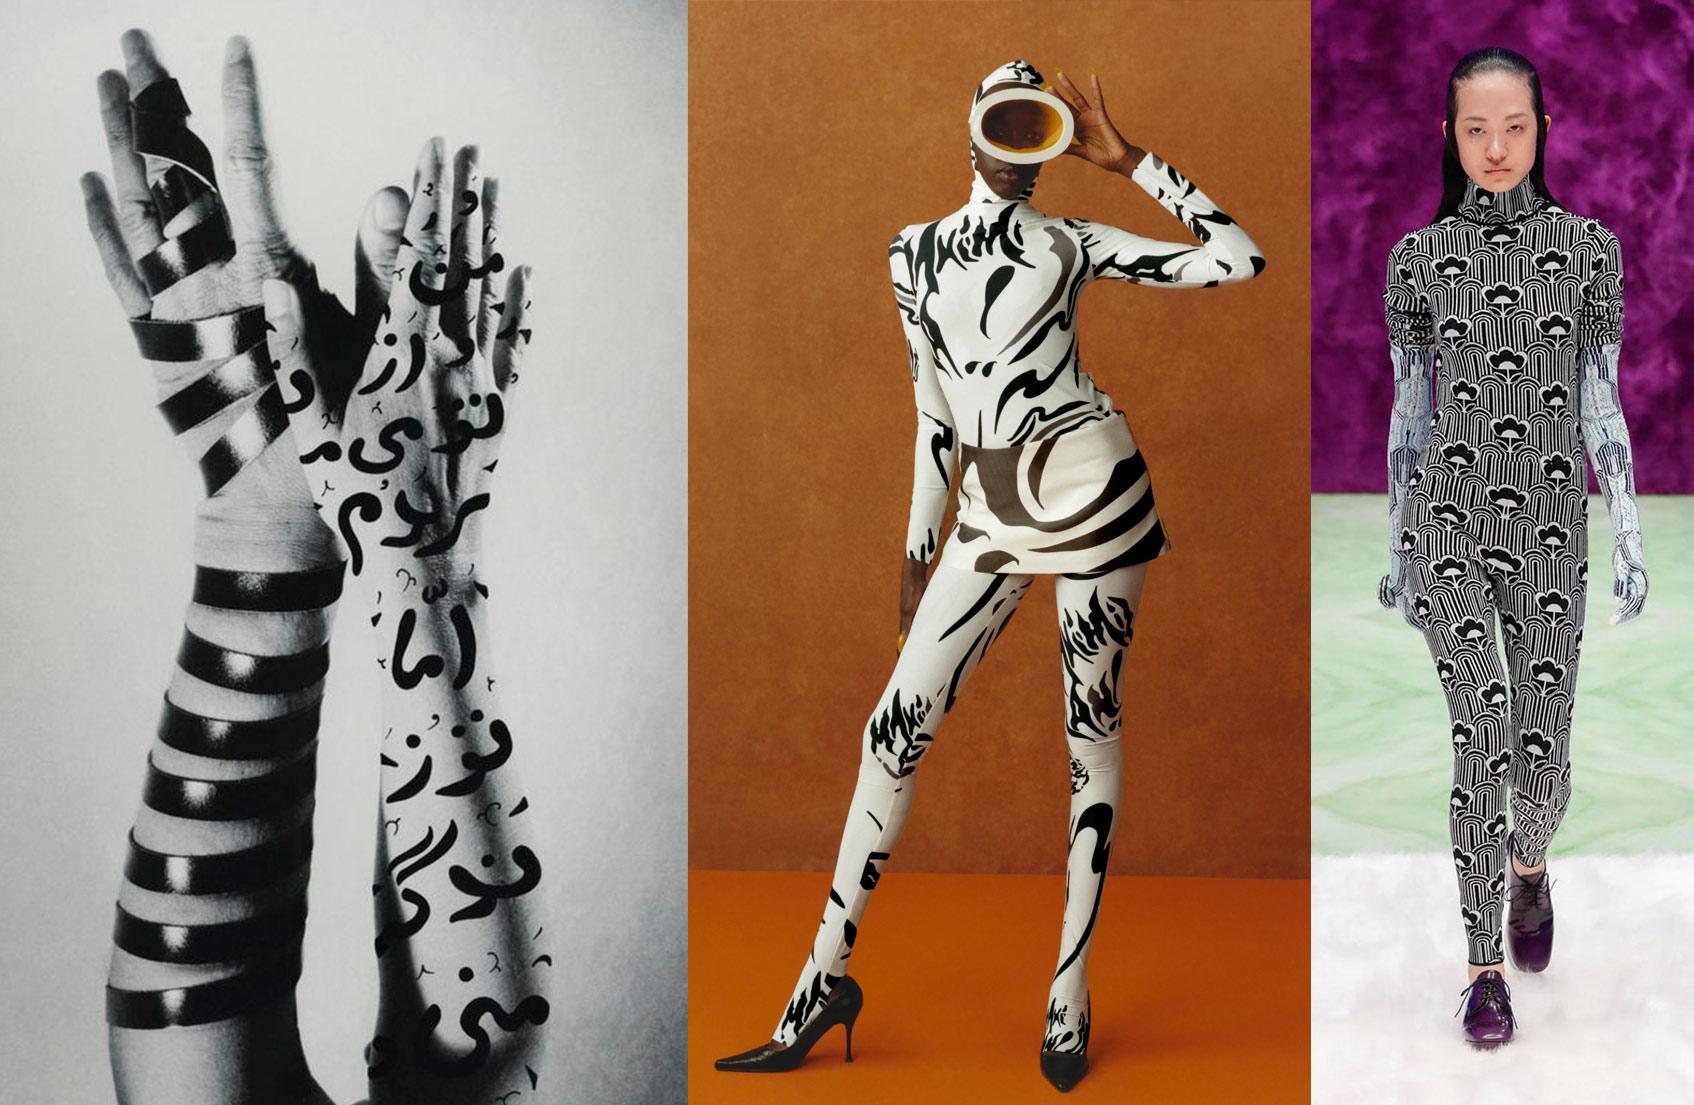 «Без Названия» (Руки), Ширин Нешат, 2005; Fashion East, Prada осень-зима 21/22